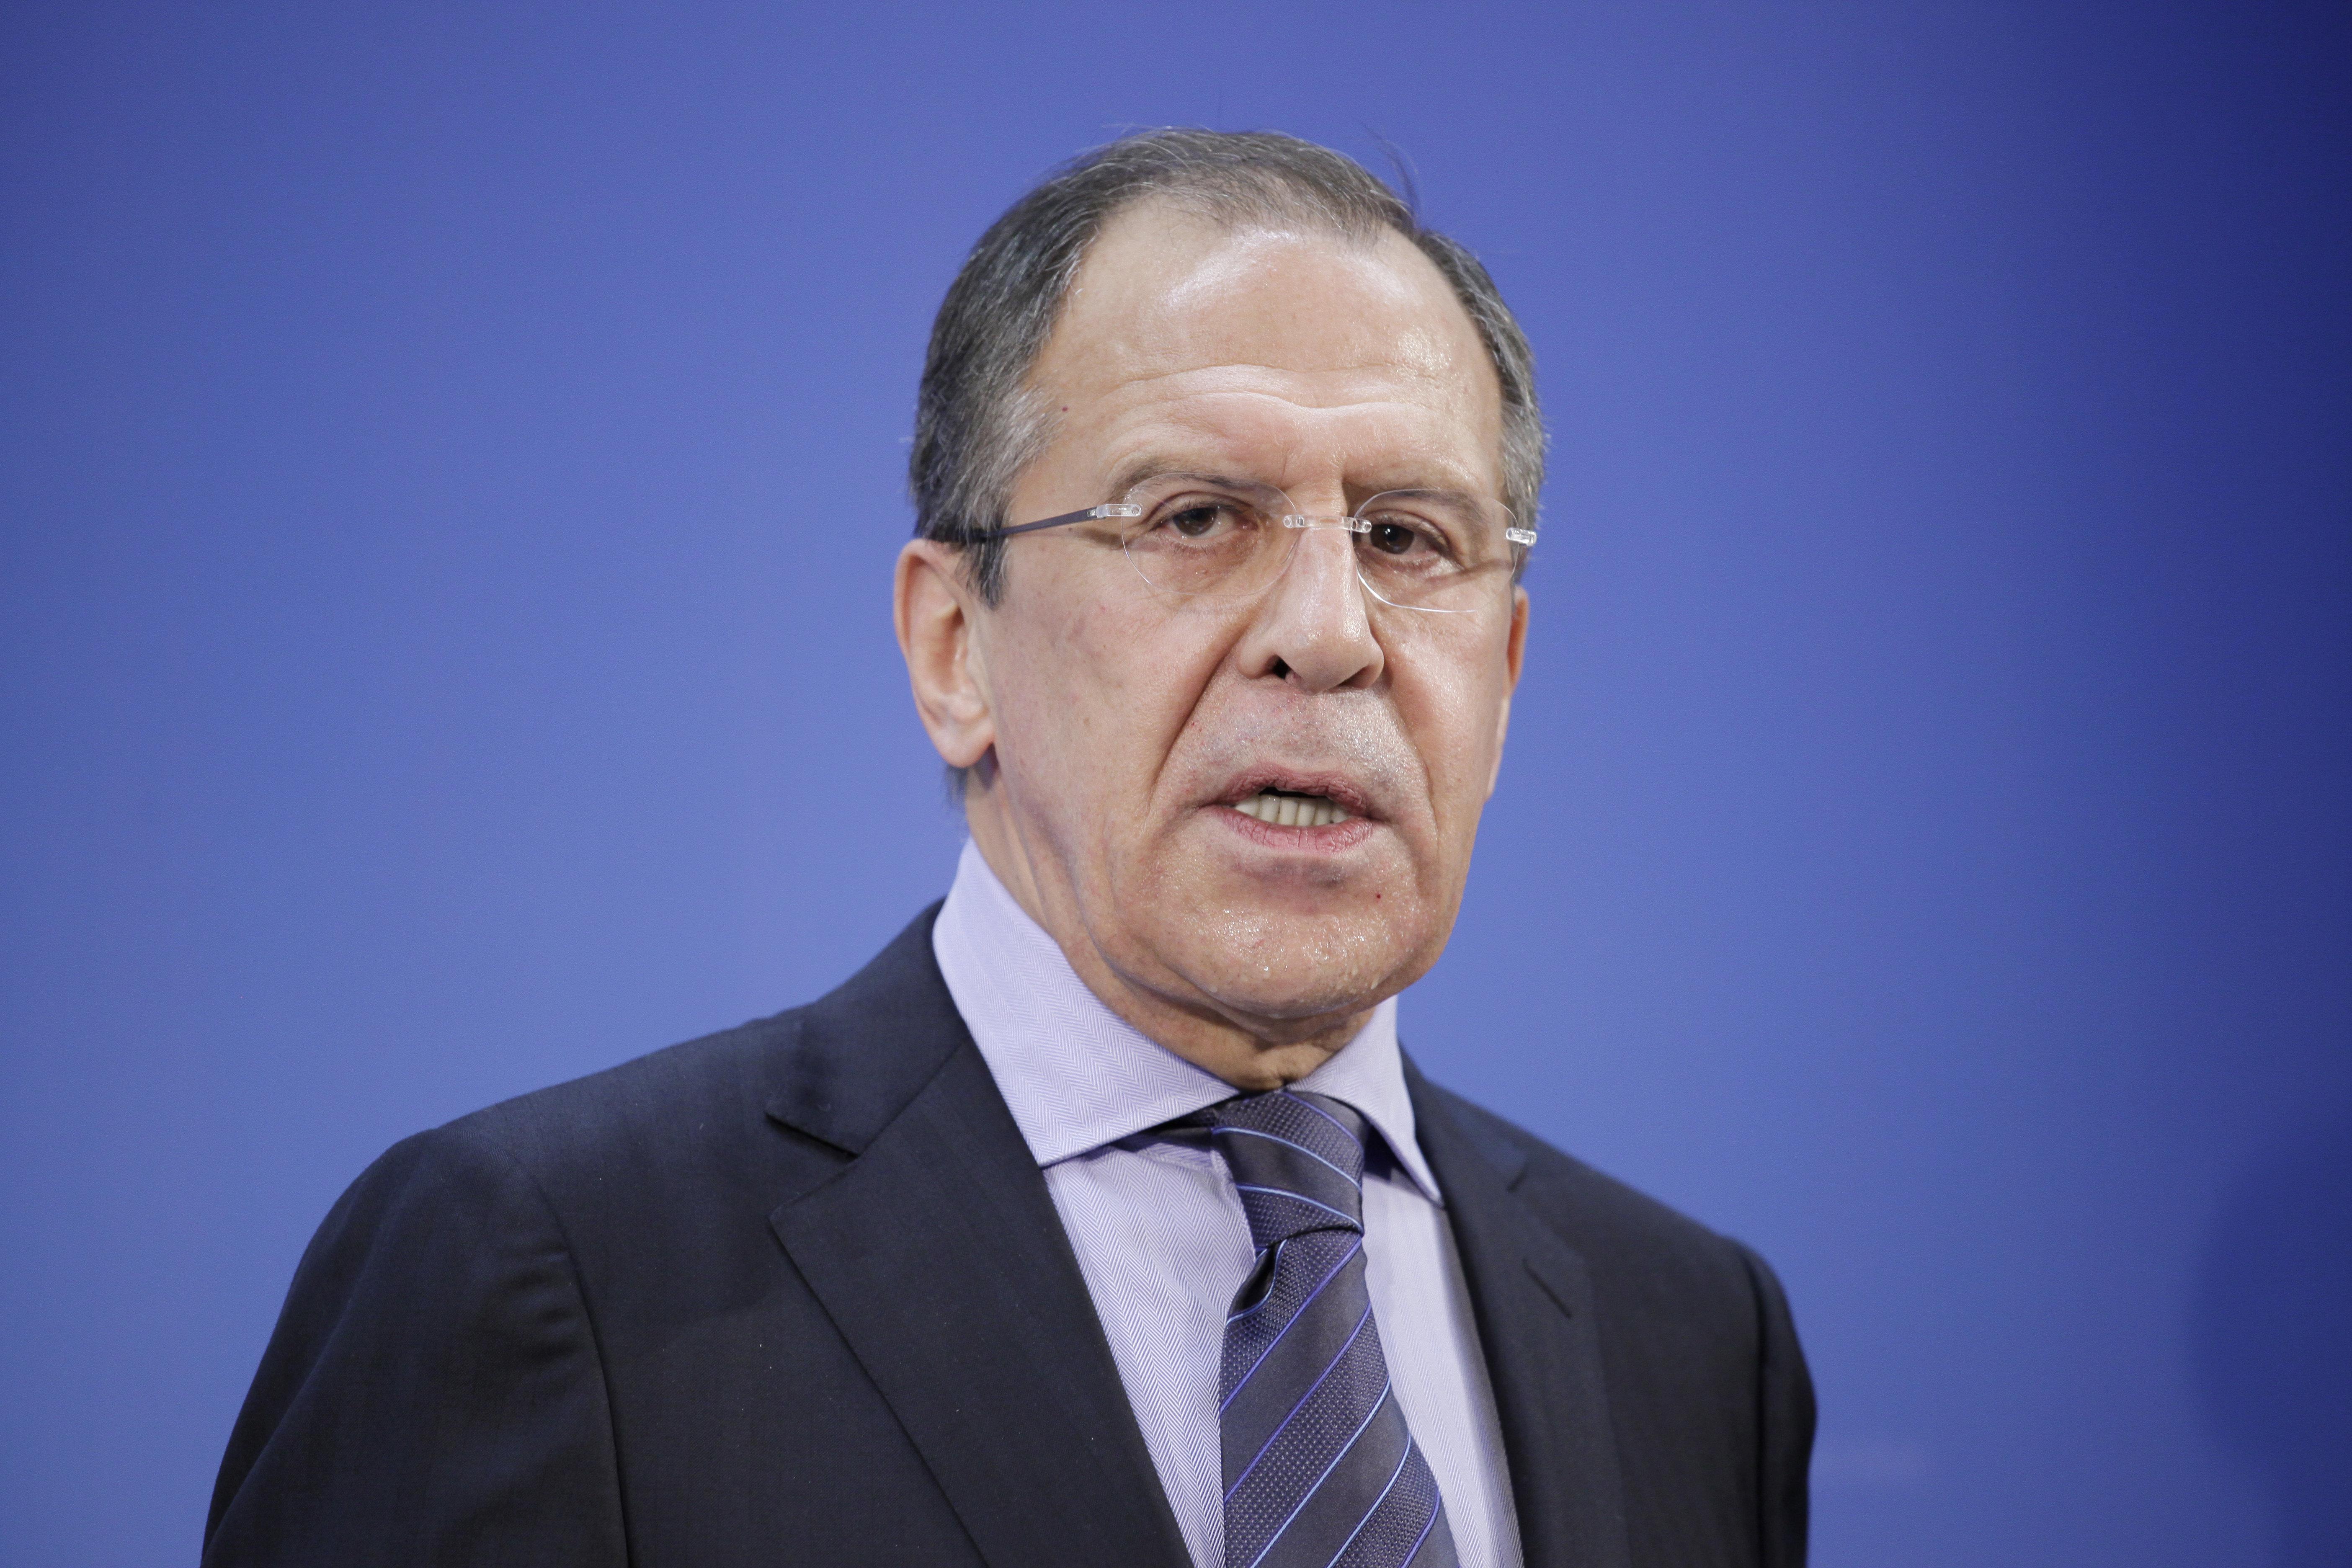 Russland antwortet nicht auf Mays Ultimatum